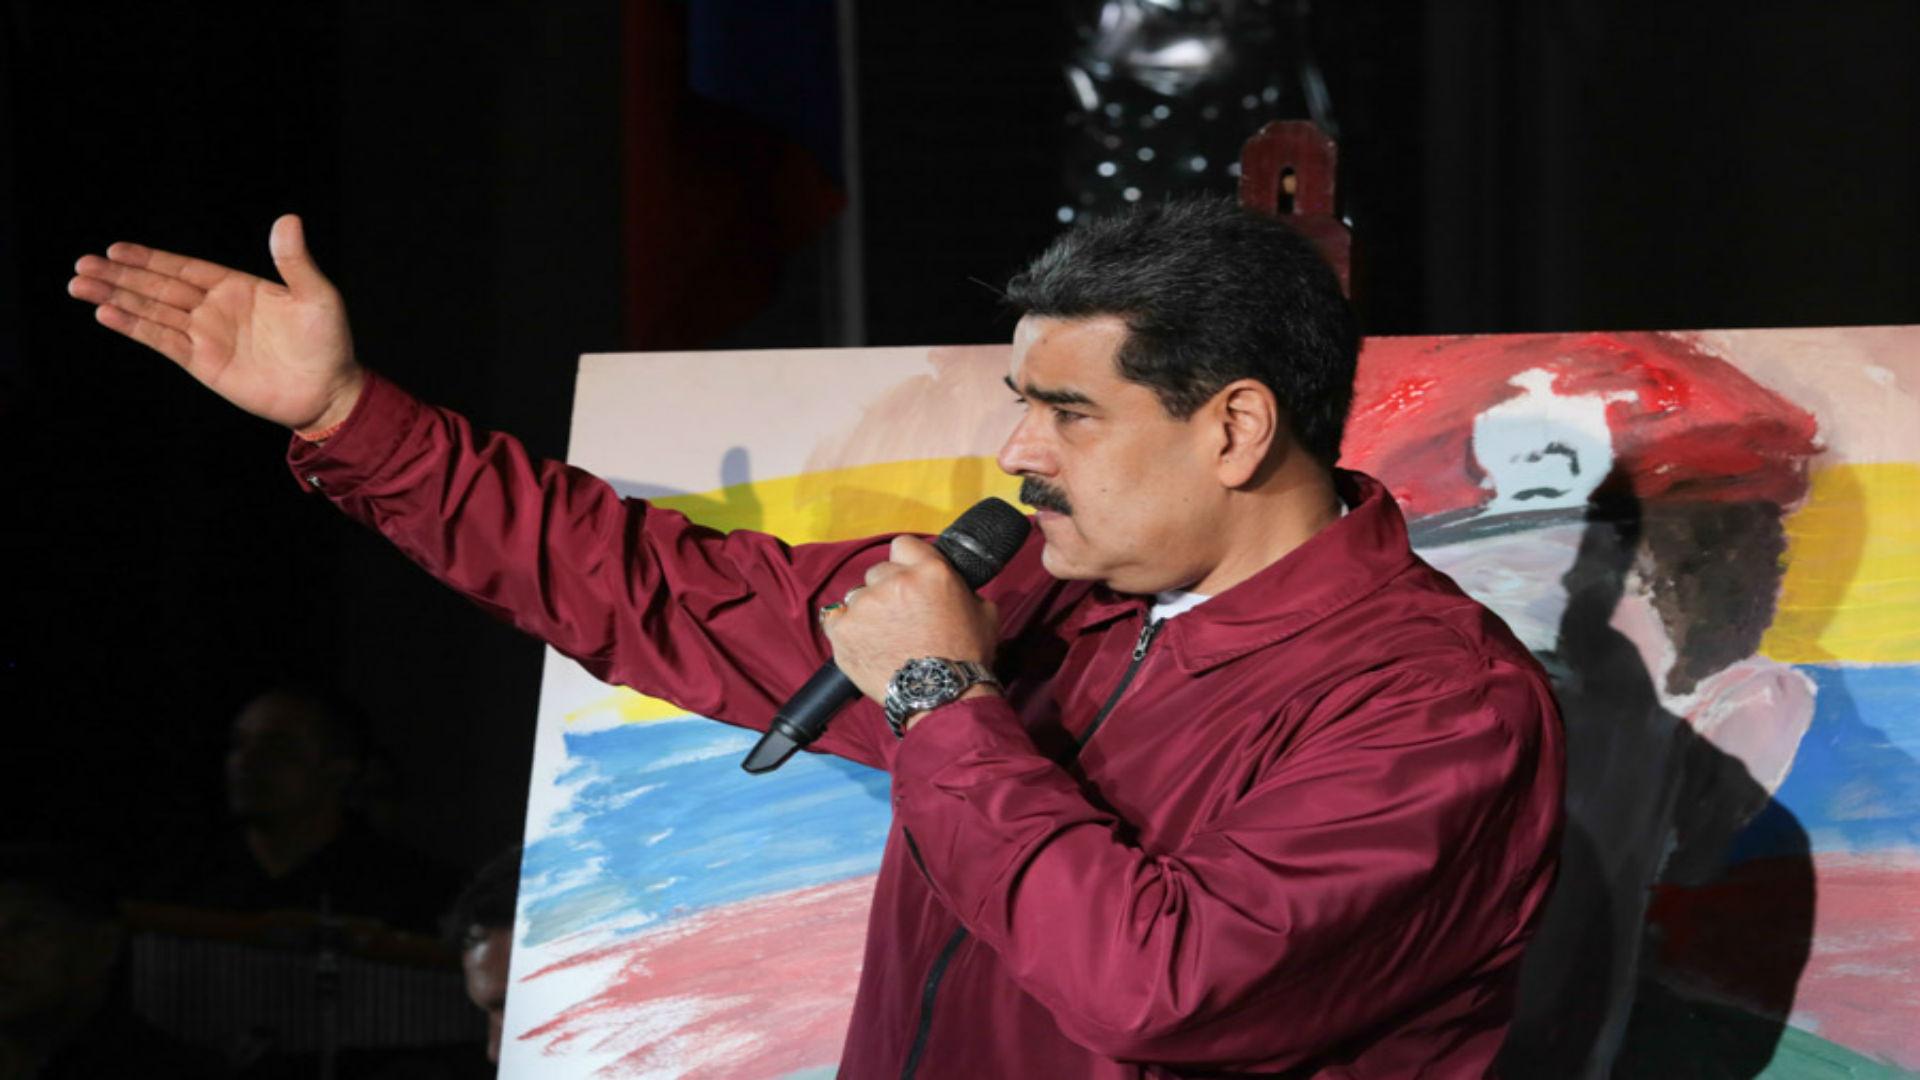 Intento de Maduro de aprovechar el brote de coronavirus fracasó en RRSS según informe de Atlantic Council y DFRLab